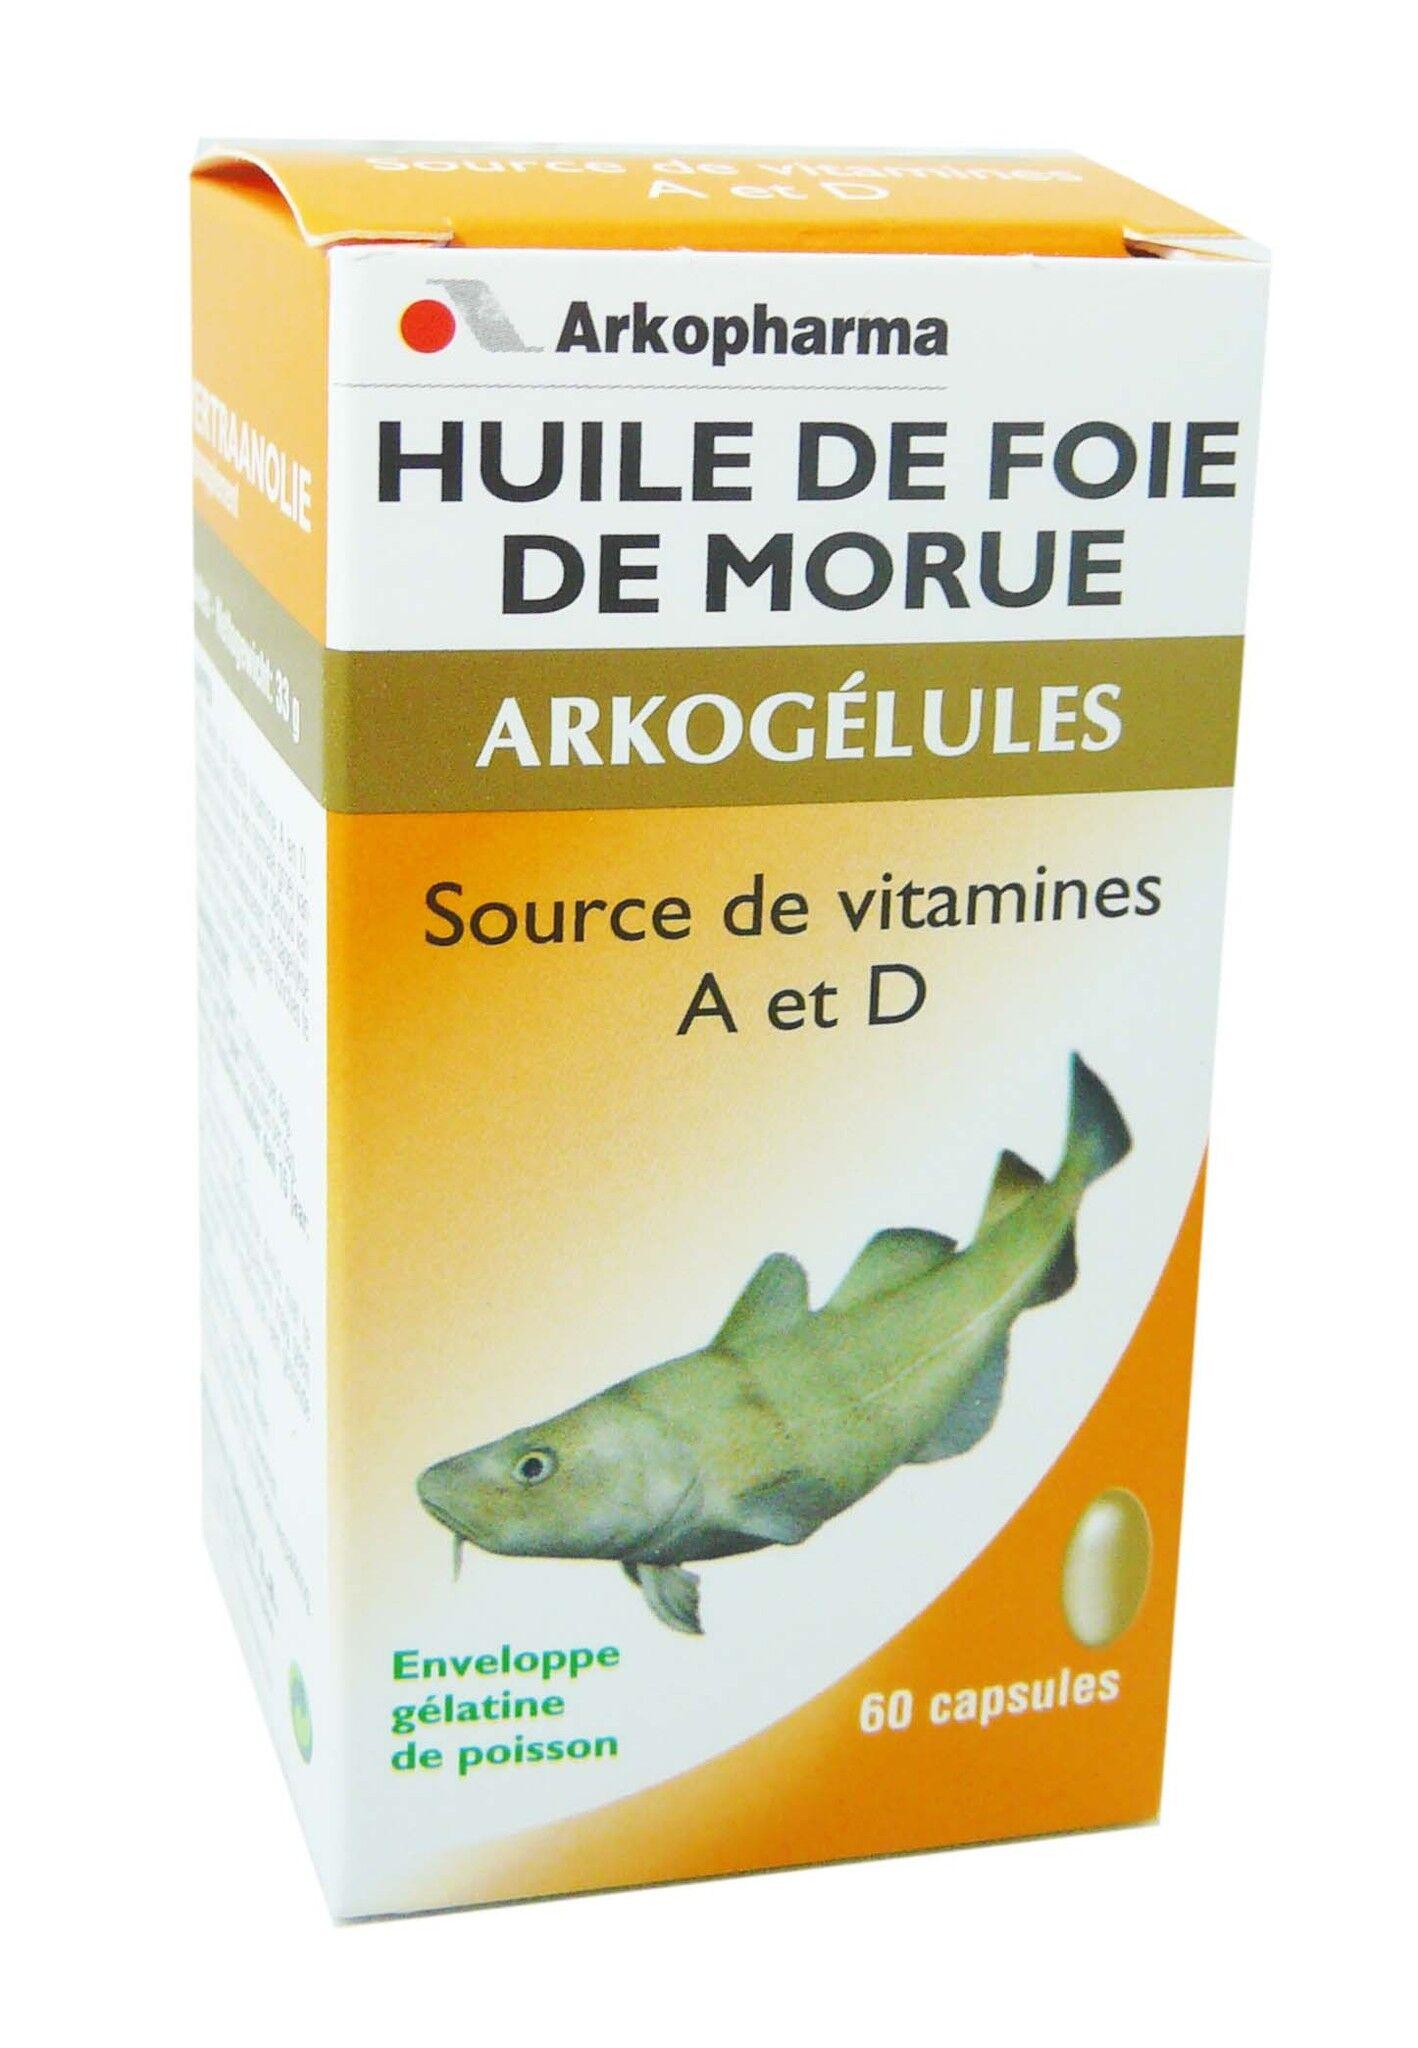 Arkopharma huile de foie de morue 60 capsules